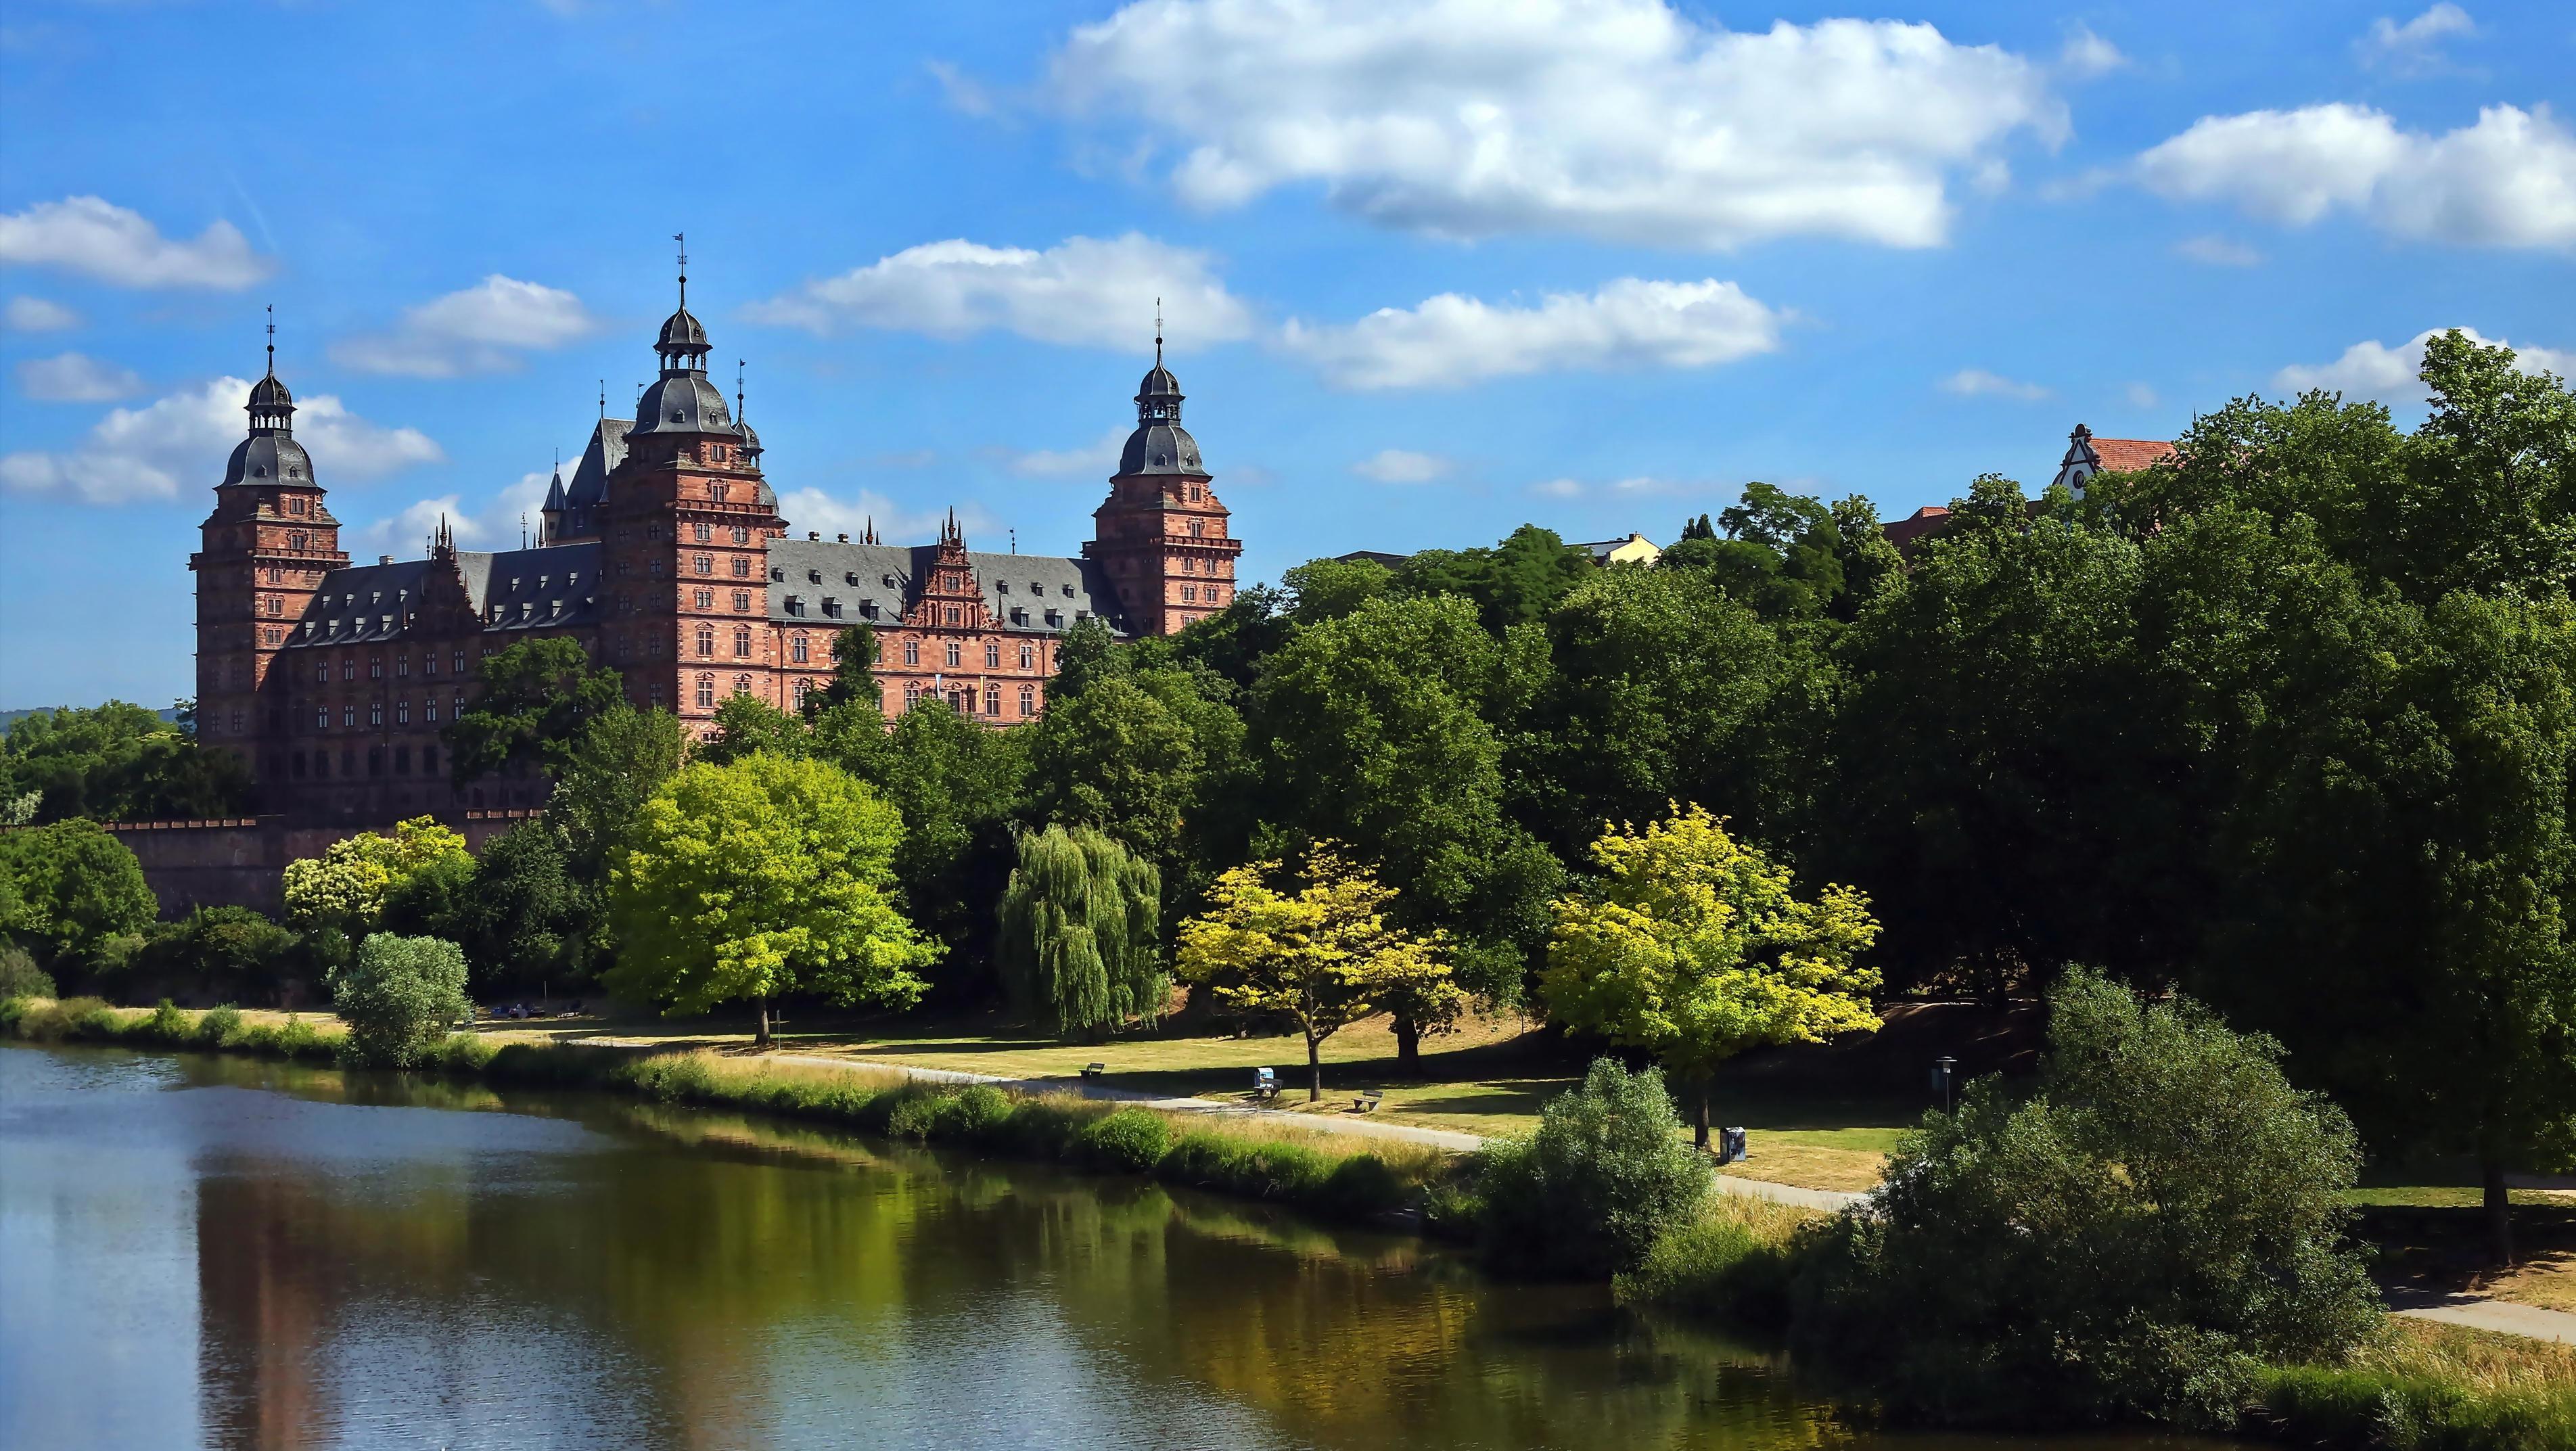 Schloss Johannisberg in Aschaffenburg